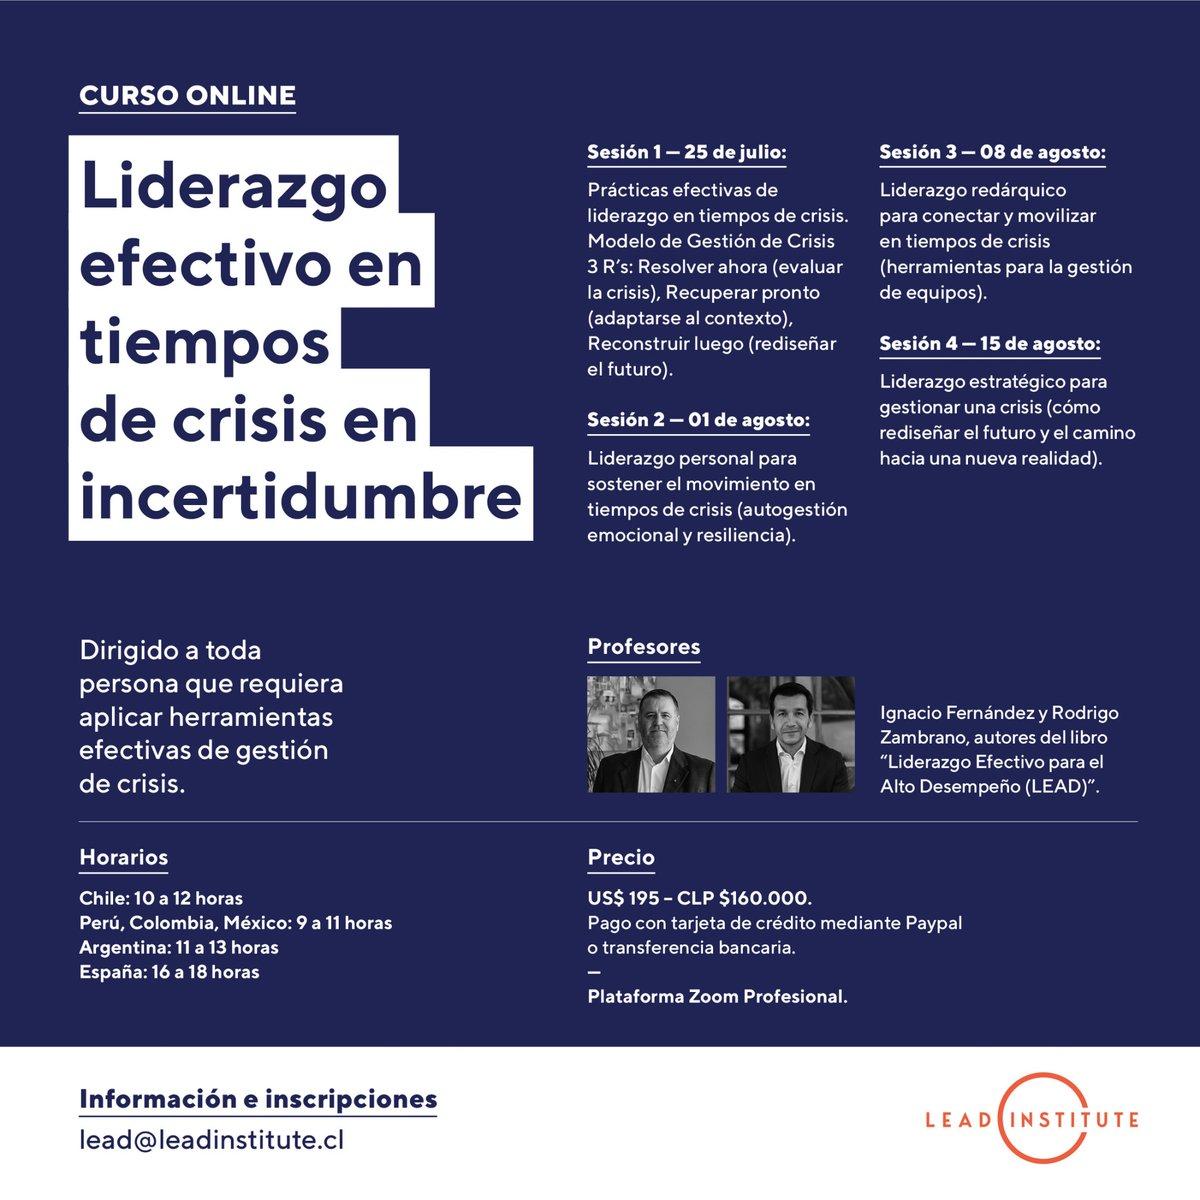 """Junto a @RodZambranoE realizaremos el curso online """"Liderazgo efectivo en tiempos de crisis e incertidumbre"""", a partir del 25 de julio. Información e inscripciones en lead@leadinstitute.cl pic.twitter.com/uzS6nzTsm7"""